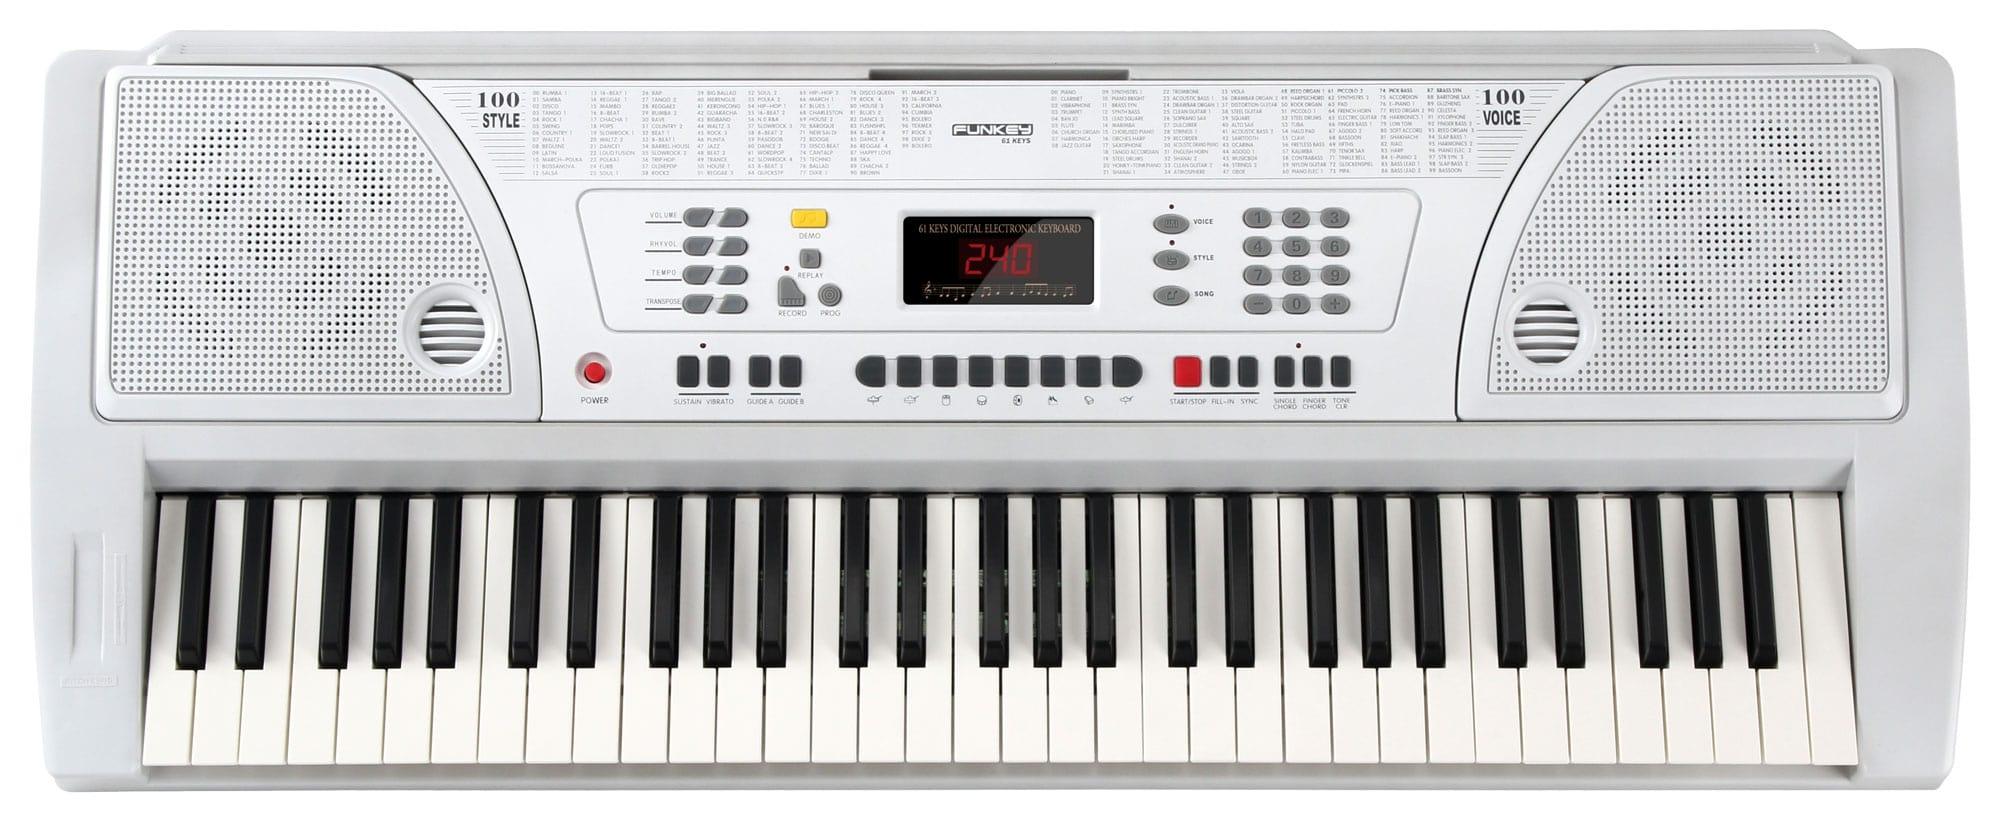 FunKey 61 Keyboard inkl. Netzteil und Notenhalter Weiß